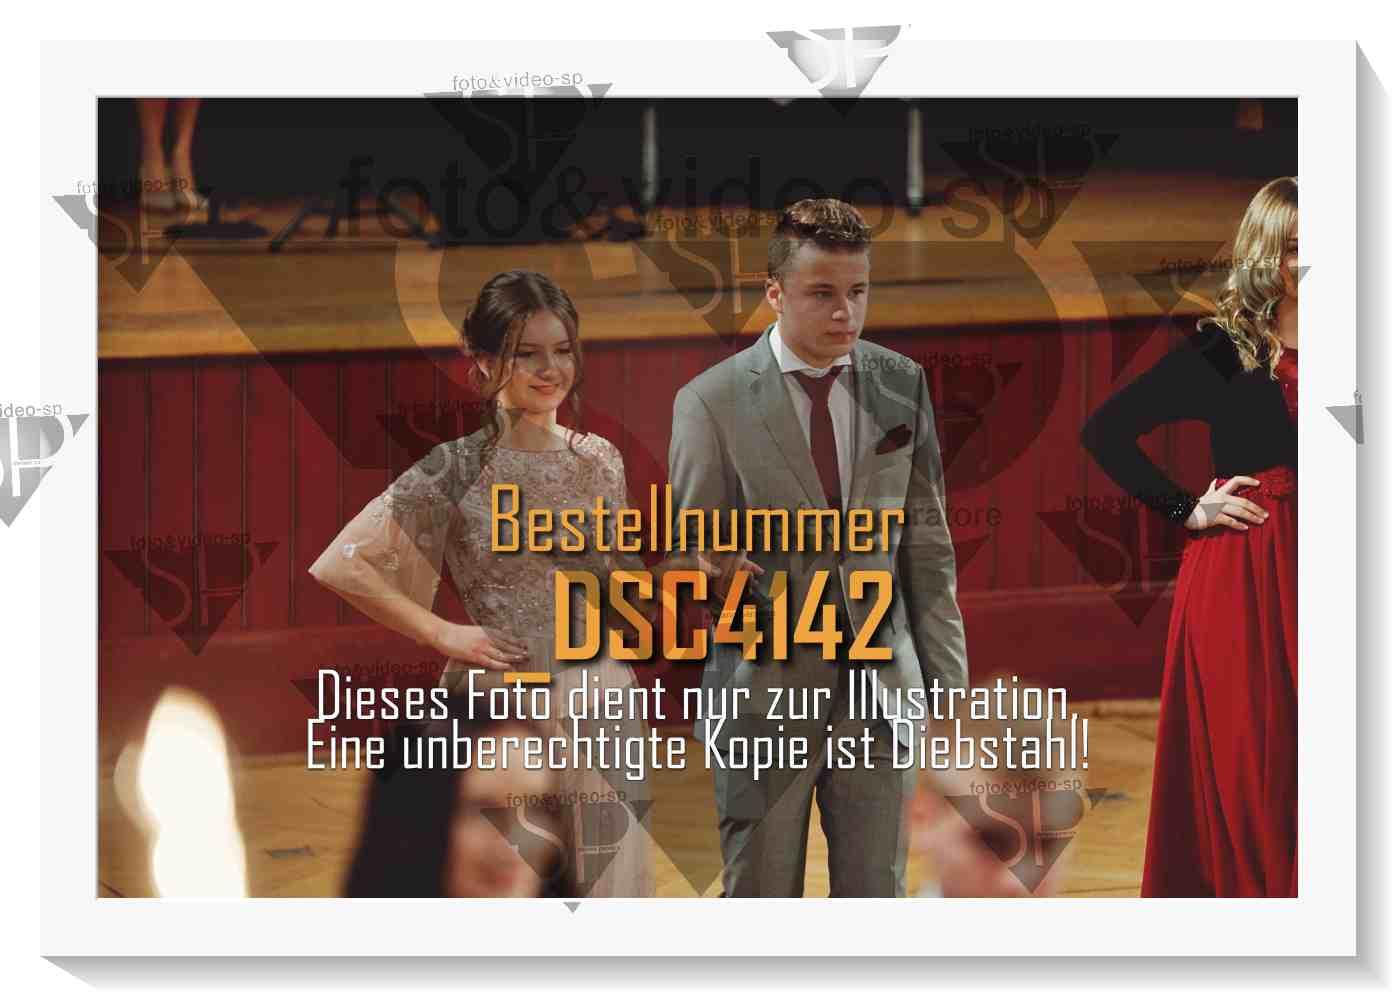 DSC4142